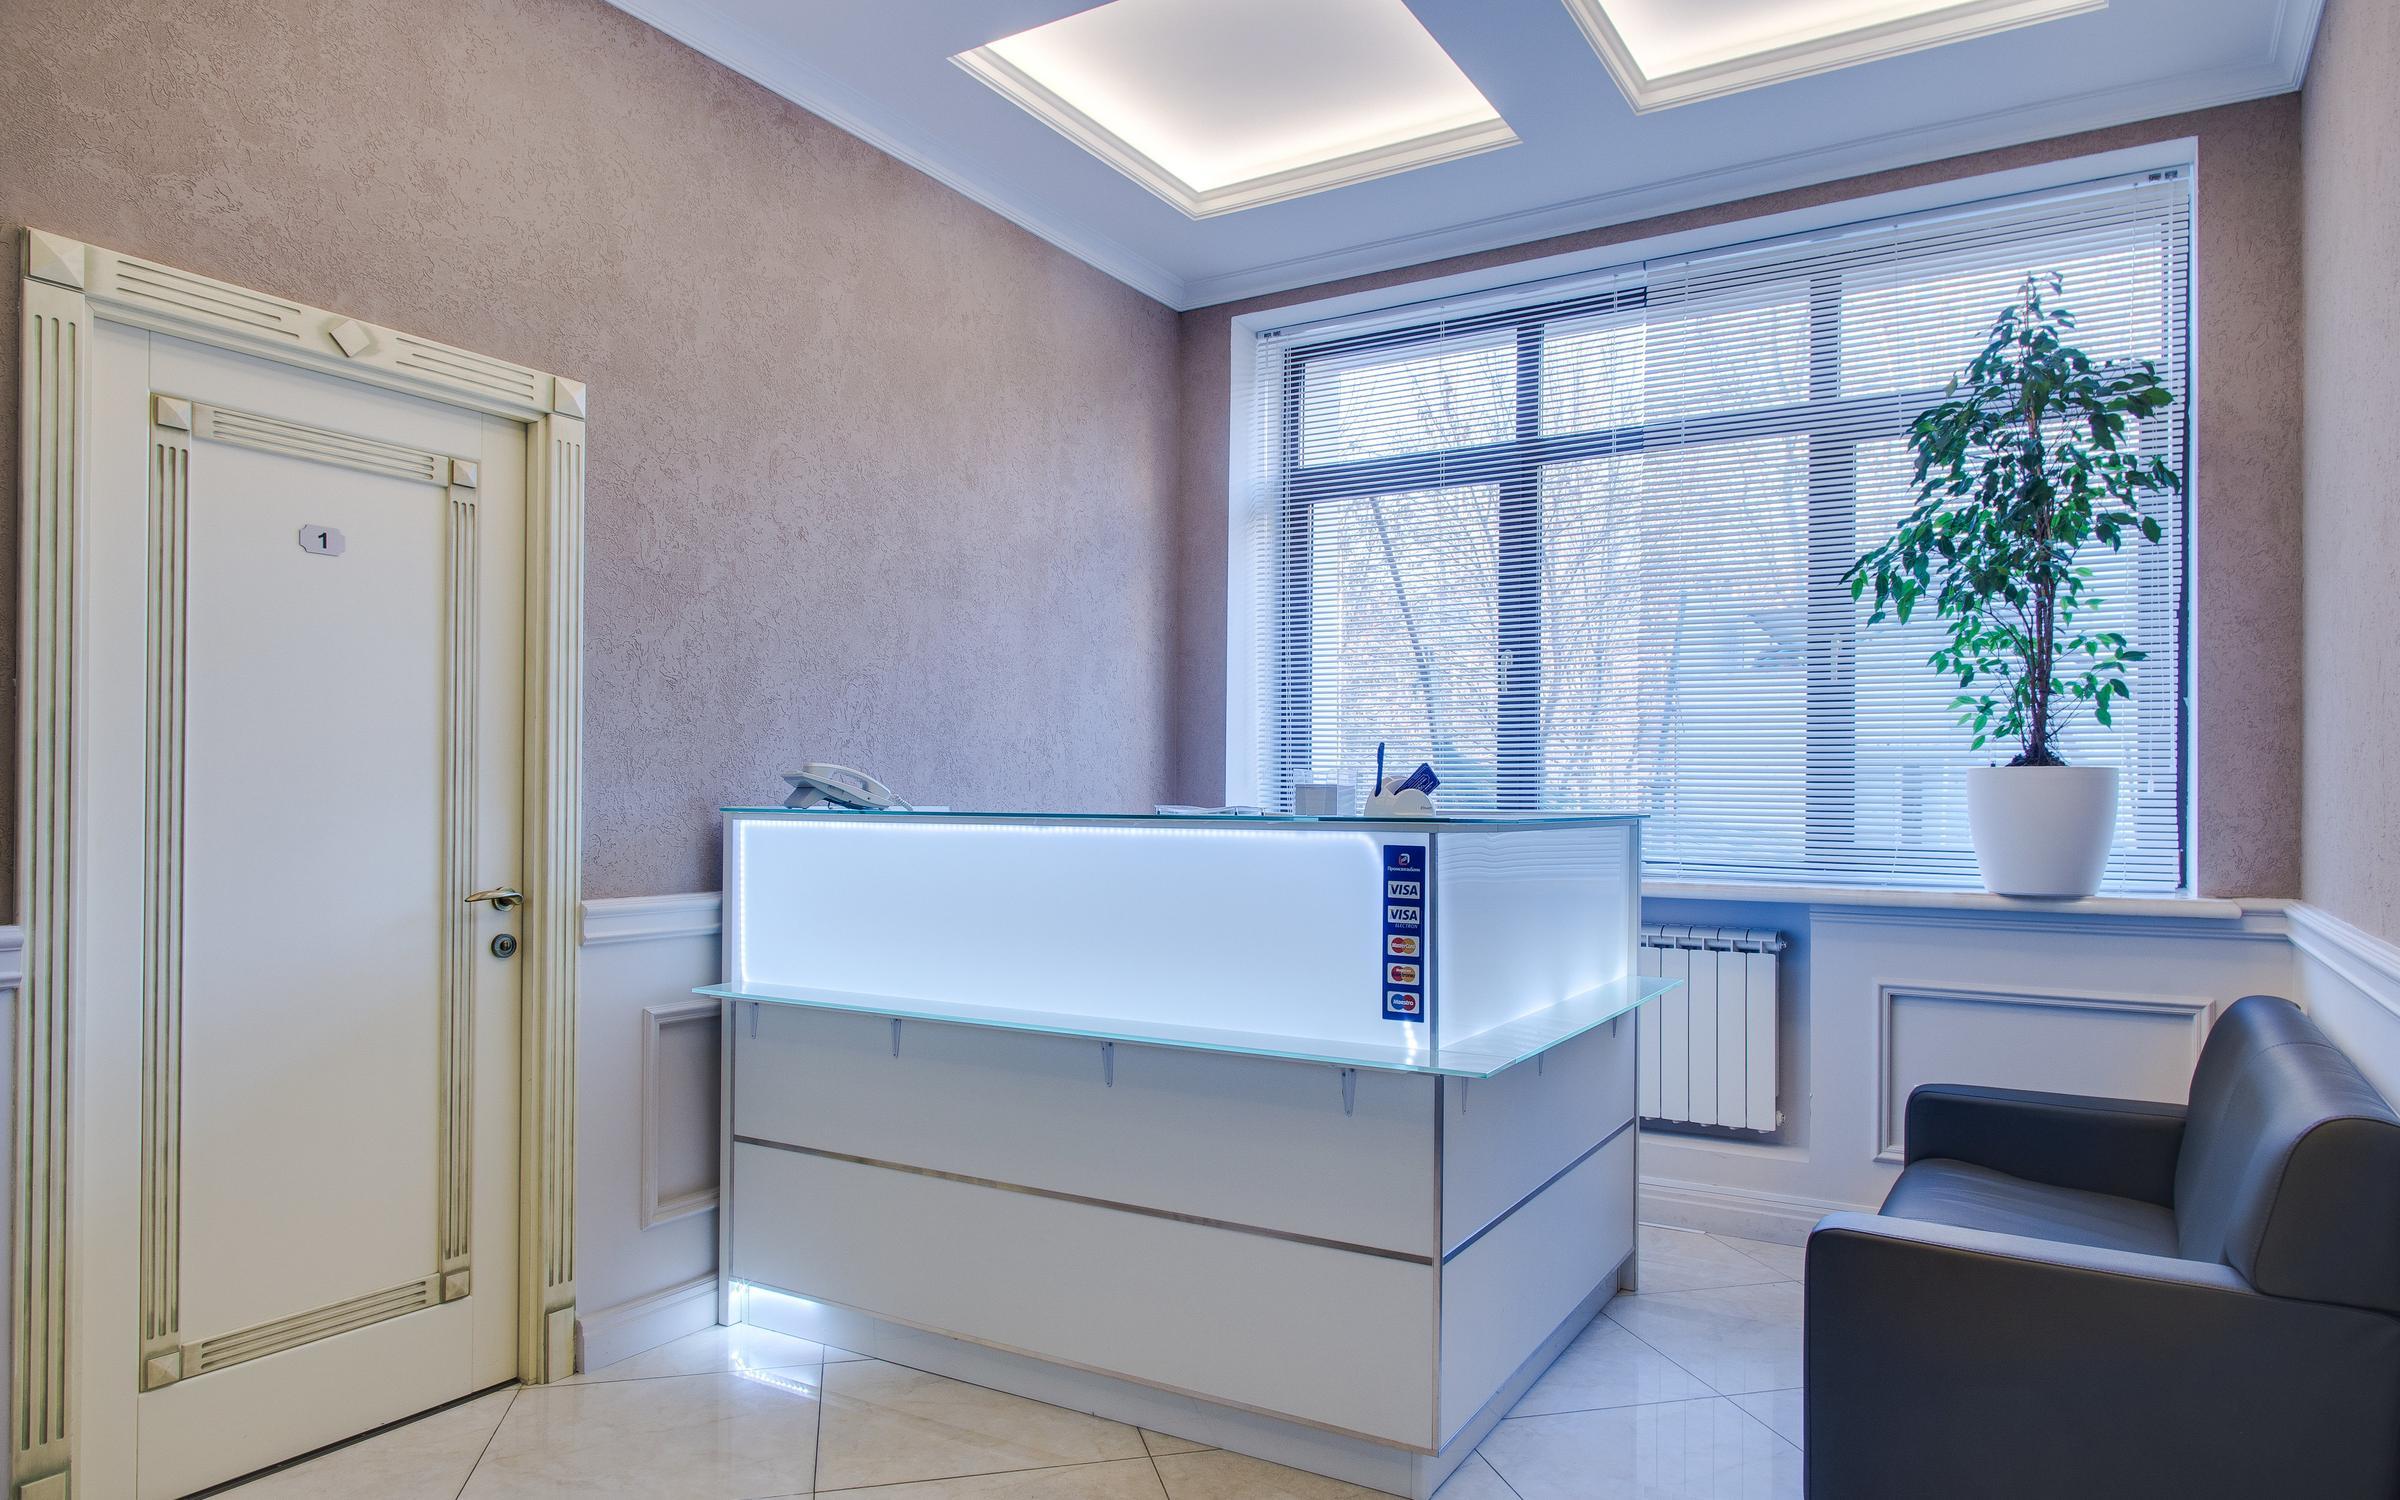 фотография Медицинского центра Москвы на метро Сретенский бульвар